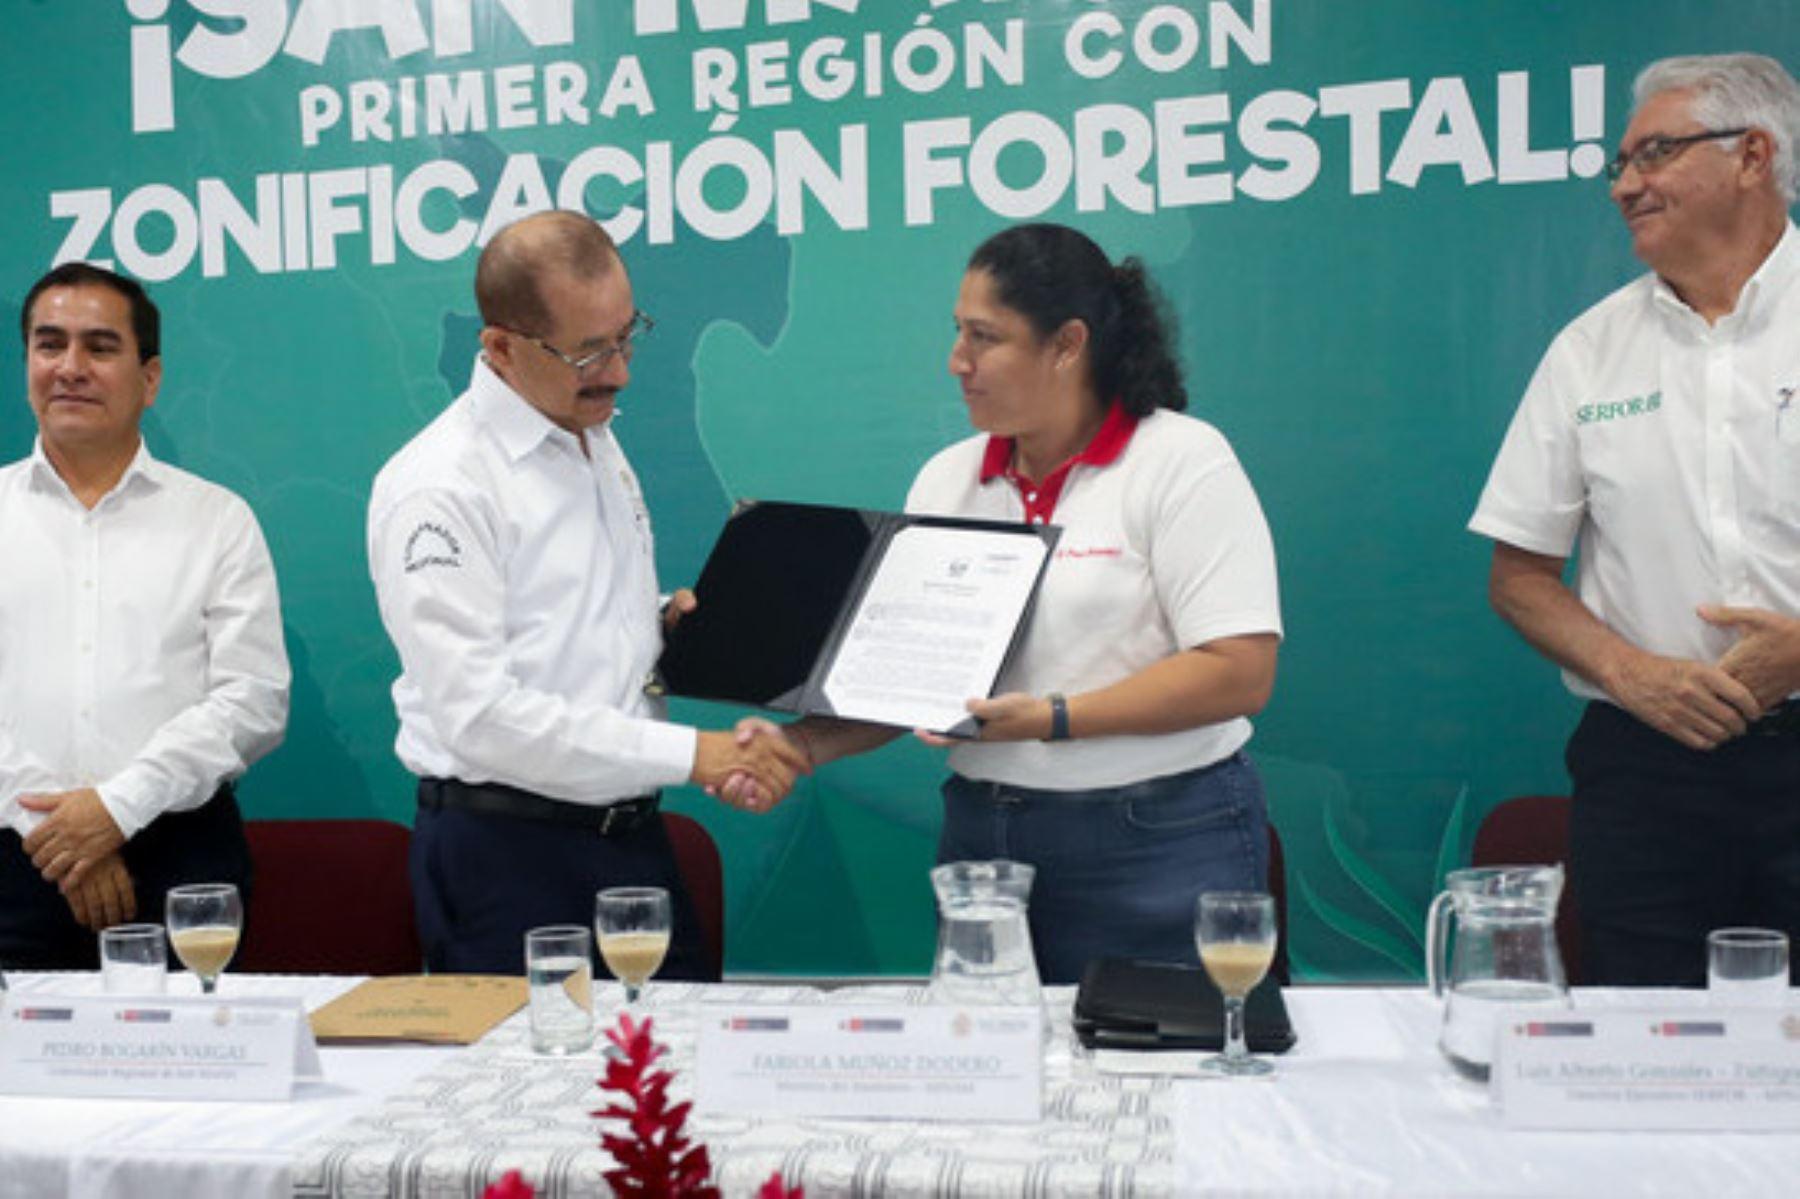 El próximo paso en el proceso de zonificación forestal será implementar la herramienta, afirmó la ministra del Ambiente, Fabiola Muñoz.